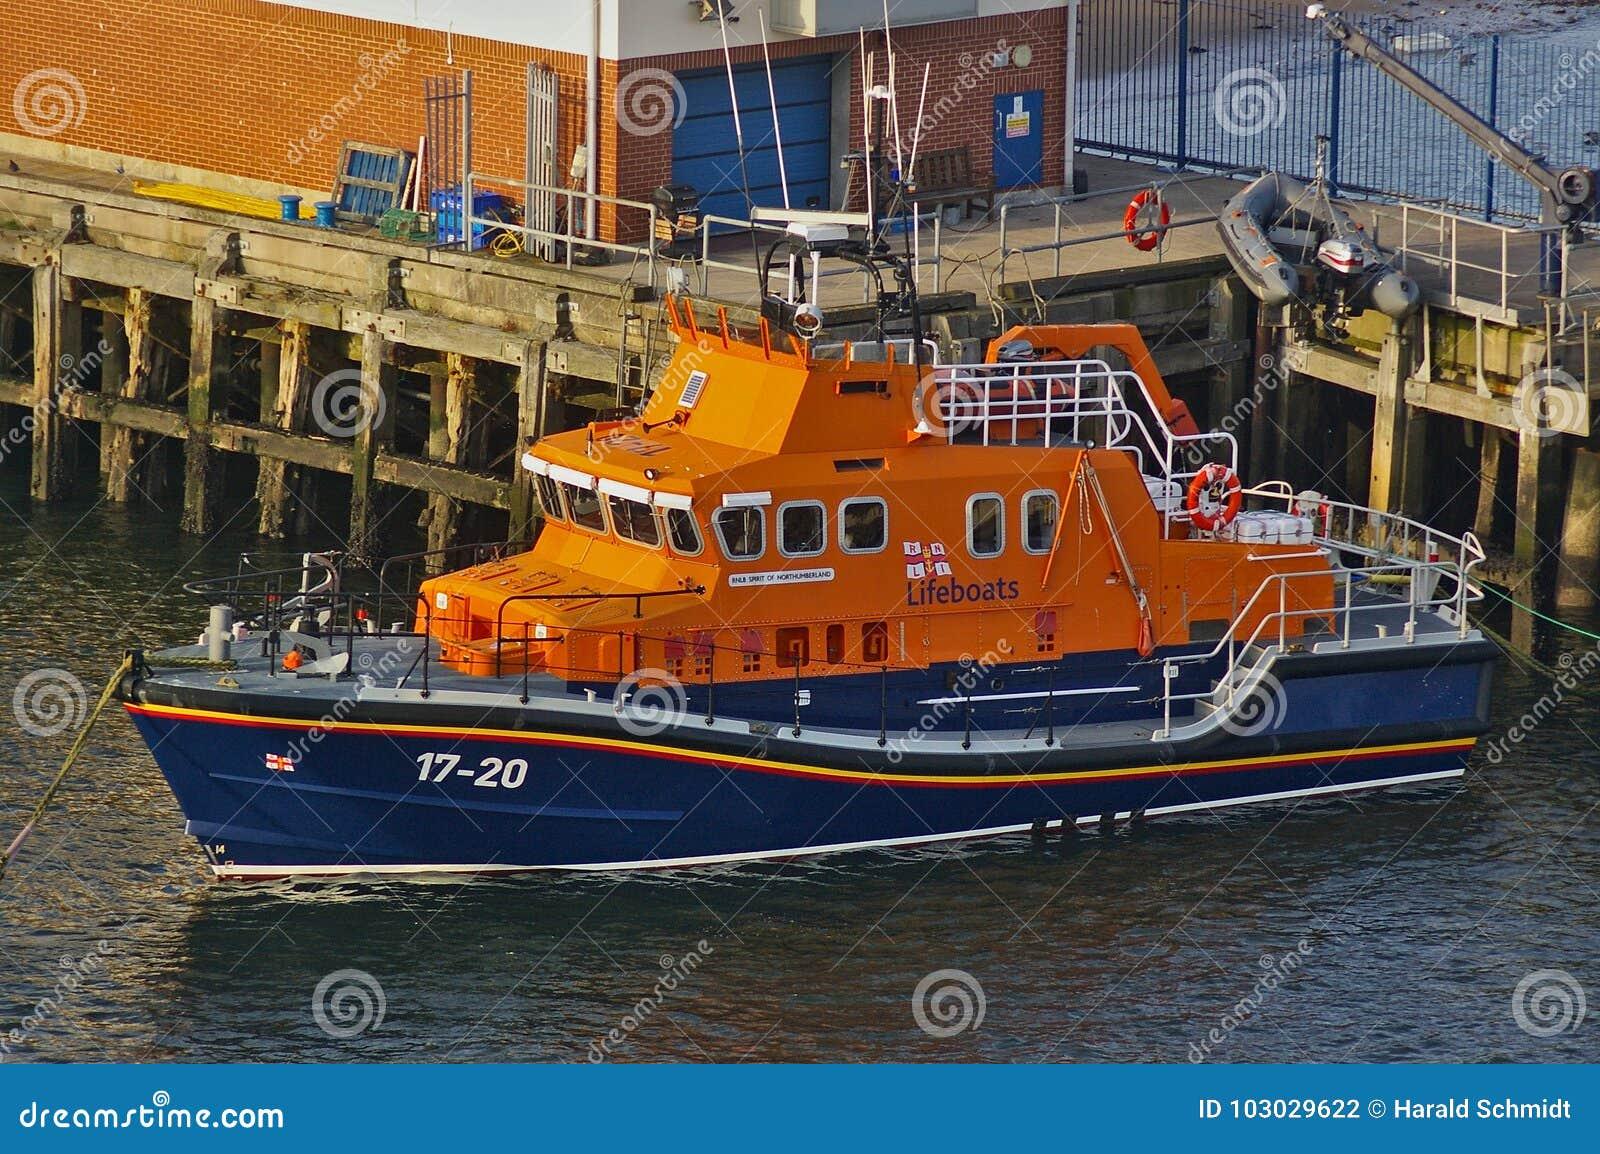 Newcastle, Royaume-Uni - 5 octobre 2014 - esprit du canot de sauvetage 17-20 de RNLI du Northumberland à ses amarrages